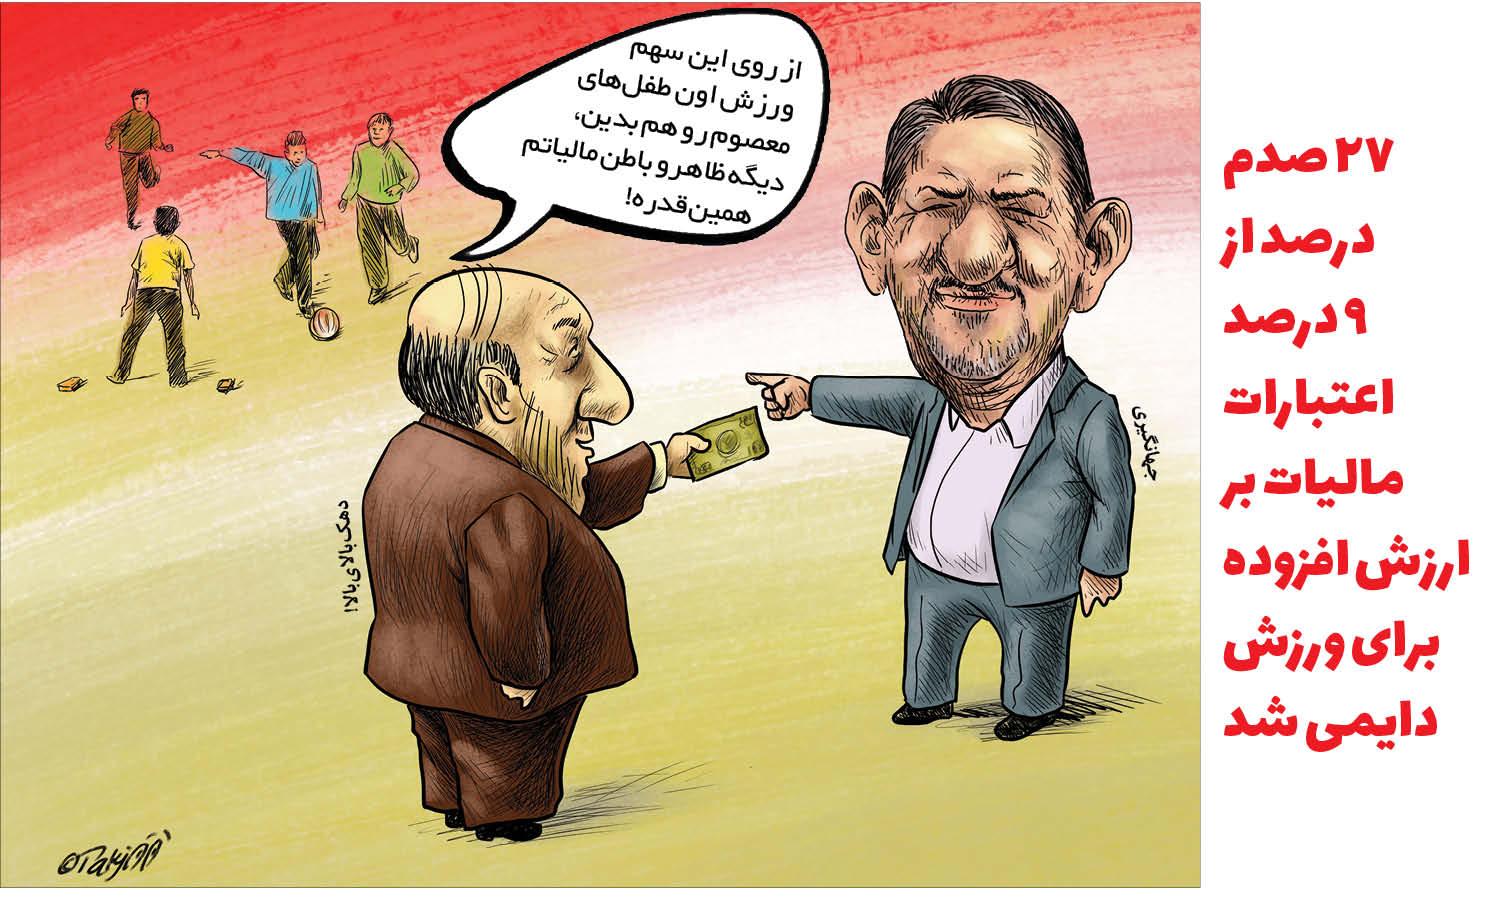 کارتونیست: جواد تکجو